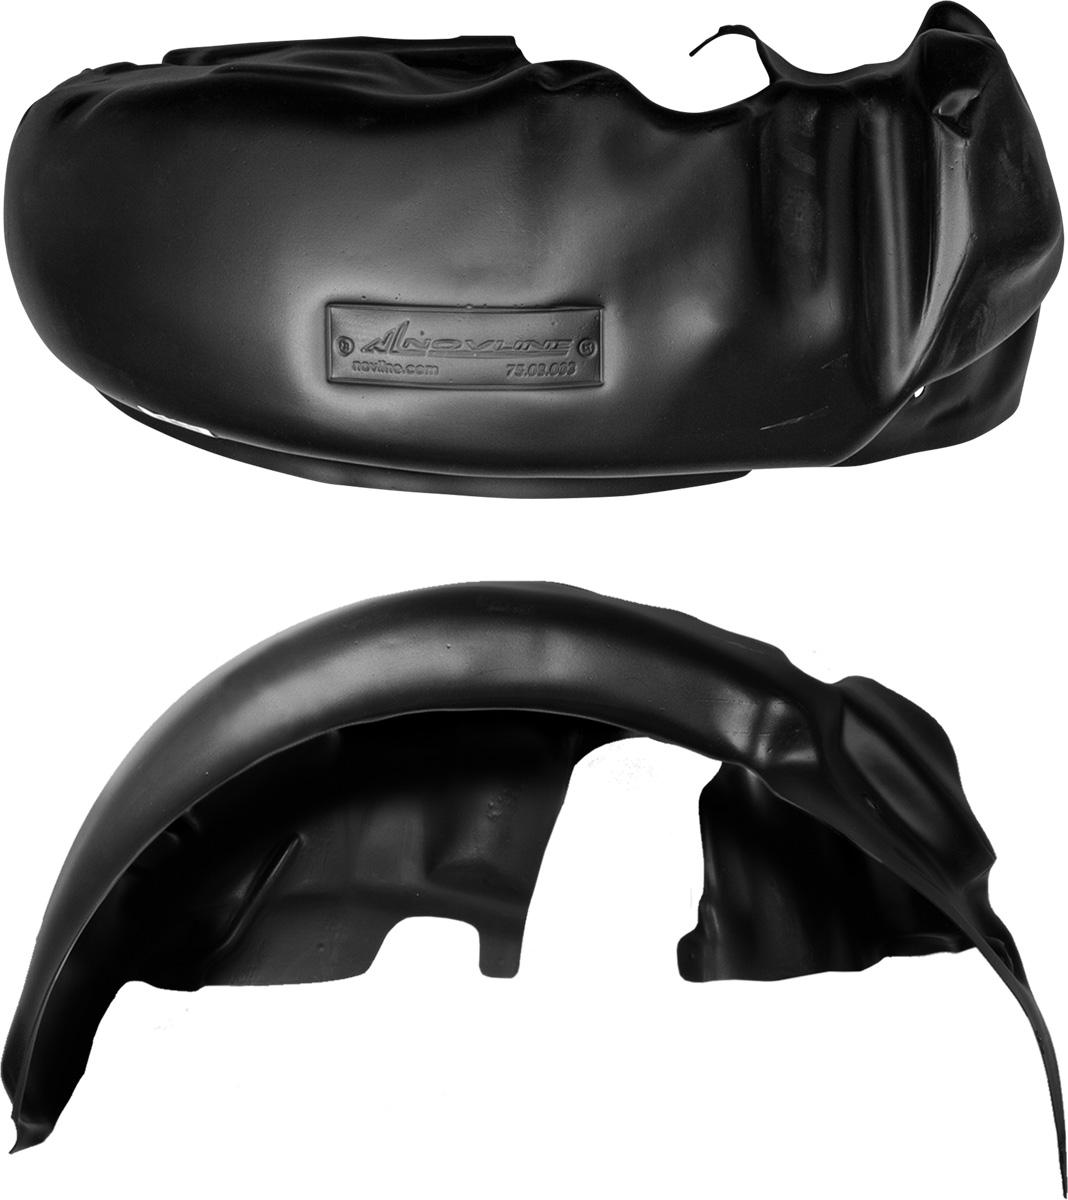 Подкрылок RENAULT Duster 4x2, 2011-2015, задний левыйNLL.41.30.003Колесные ниши – одни из самых уязвимых зон днища вашего автомобиля. Они постоянно подвергаются воздействию со стороны дороги. Лучшая, почти абсолютная защита для них - специально отформованные пластиковые кожухи, которые называются подкрылками, или локерами. Производятся они как для отечественных моделей автомобилей, так и для иномарок. Подкрылки выполнены из высококачественного, экологически чистого пластика. Обеспечивают надежную защиту кузова автомобиля от пескоструйного эффекта и негативного влияния, агрессивных антигололедных реагентов. Пластик обладает более низкой теплопроводностью, чем металл, поэтому в зимний период эксплуатации использование пластиковых подкрылков позволяет лучше защитить колесные ниши от налипания снега и образования наледи. Оригинальность конструкции подчеркивает элегантность автомобиля, бережно защищает нанесенное на днище кузова антикоррозийное покрытие и позволяет осуществить крепление подкрылков внутри колесной арки практически без дополнительного...